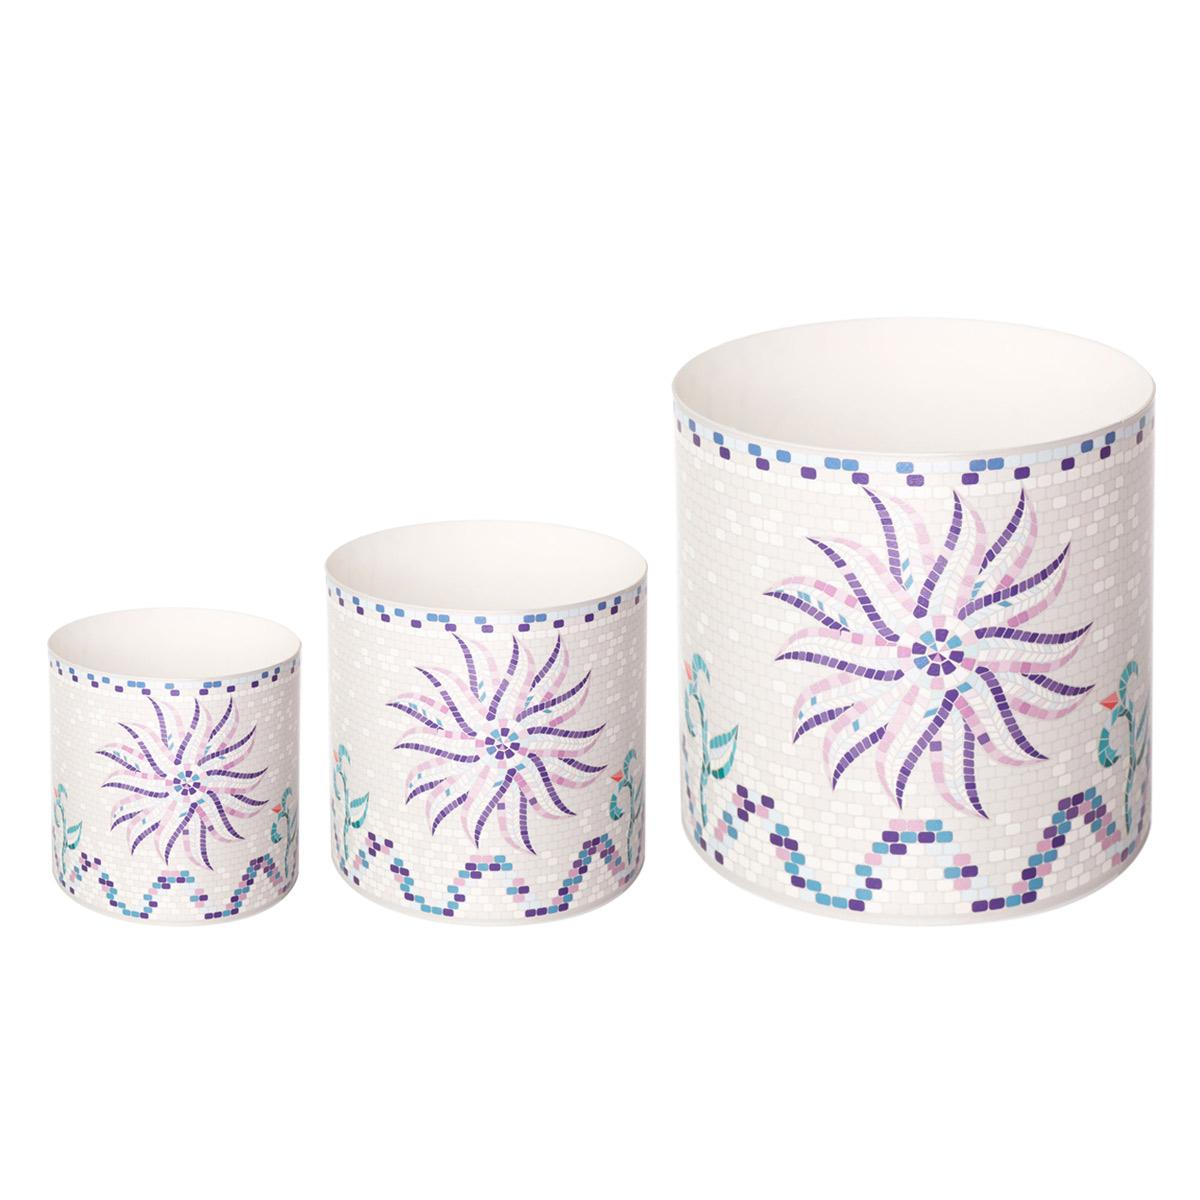 Набор горшков для цветов Miolla Мозаика белая, со скрытым поддоном, 3 предметаZ-0307Набор Miolla Мозаика белая состоит из 3 горшков со скрытыми поддонами. Горшкивыполнены из пластика. Изделия предназначены для цветов. Изделия оснащены специальными скрытыми поддонами.Объем горшков: 1 л, 1,7 л, 5,1 л.